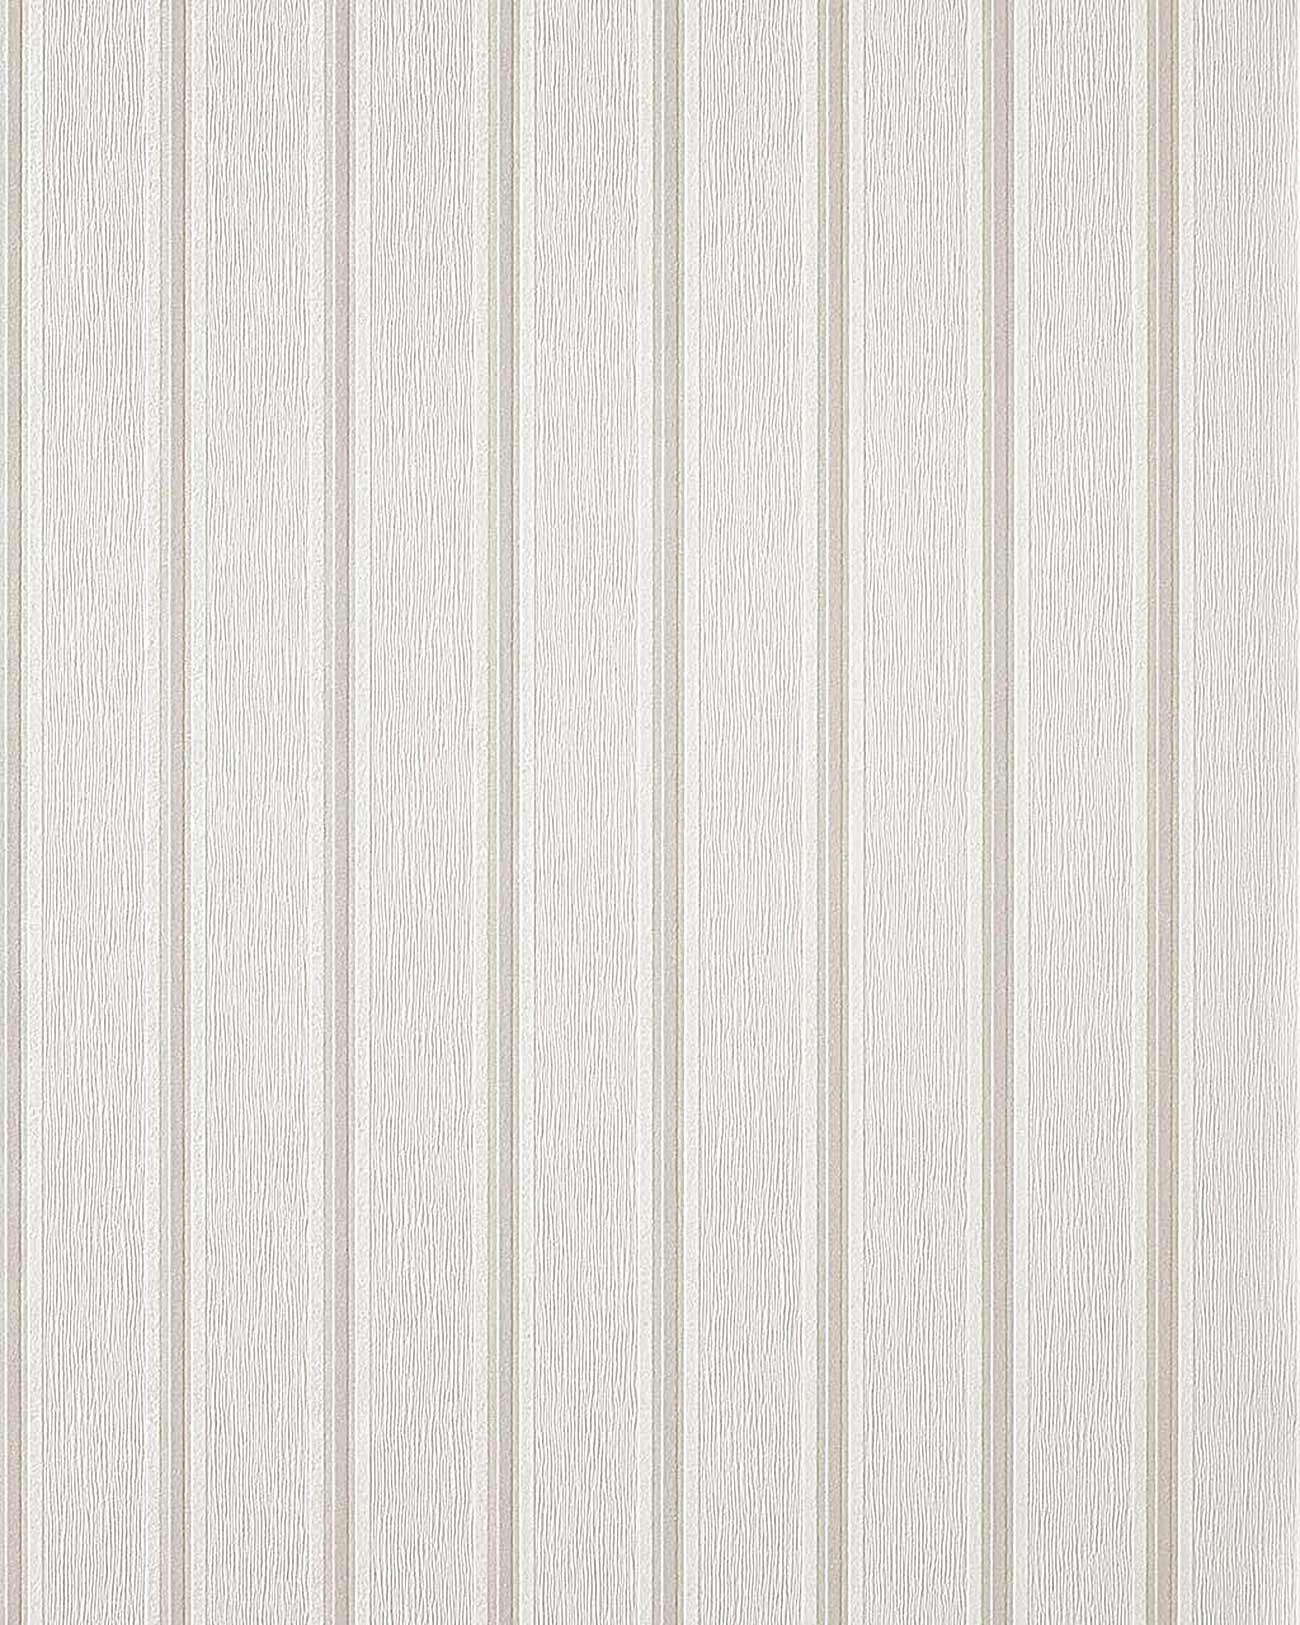 Edem 112 30 stilvolle design streifen tapete wei creme for Design tapete grau